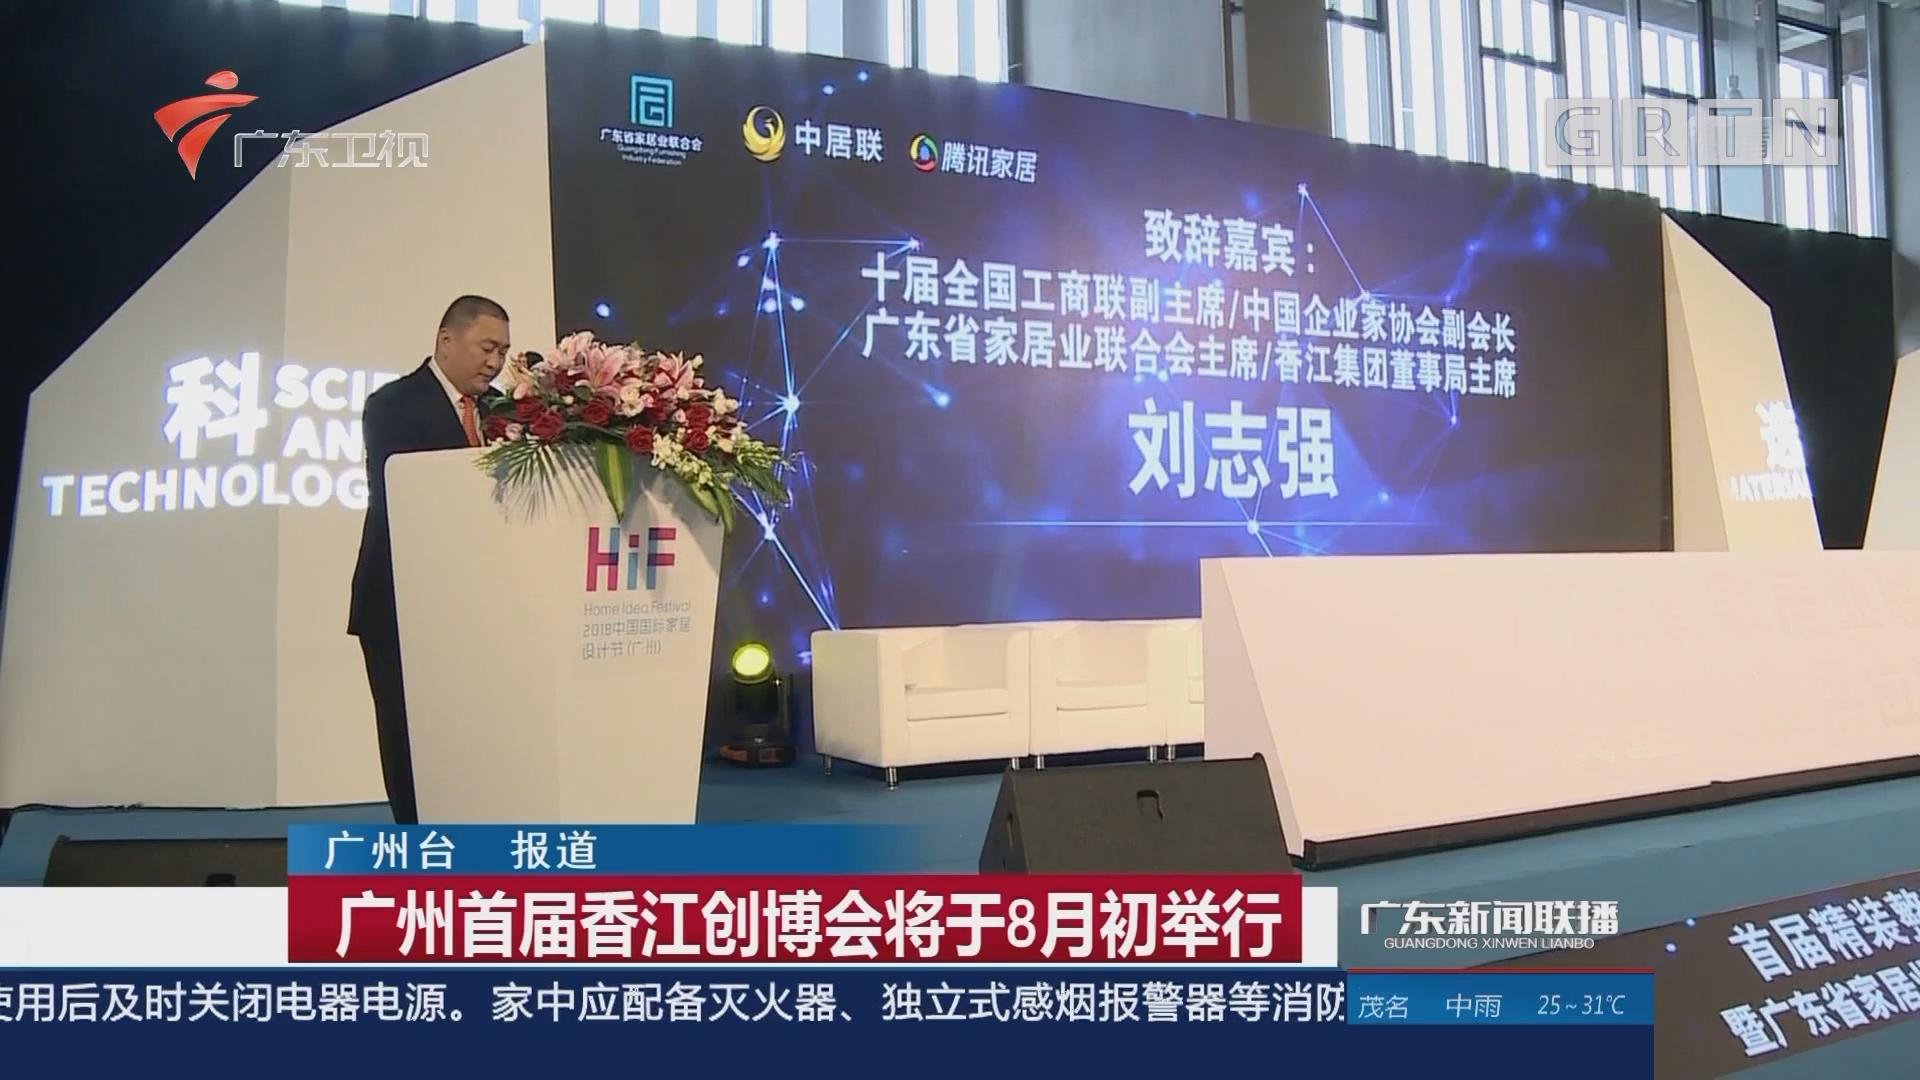 广州首届香江创博会将于8月初举行